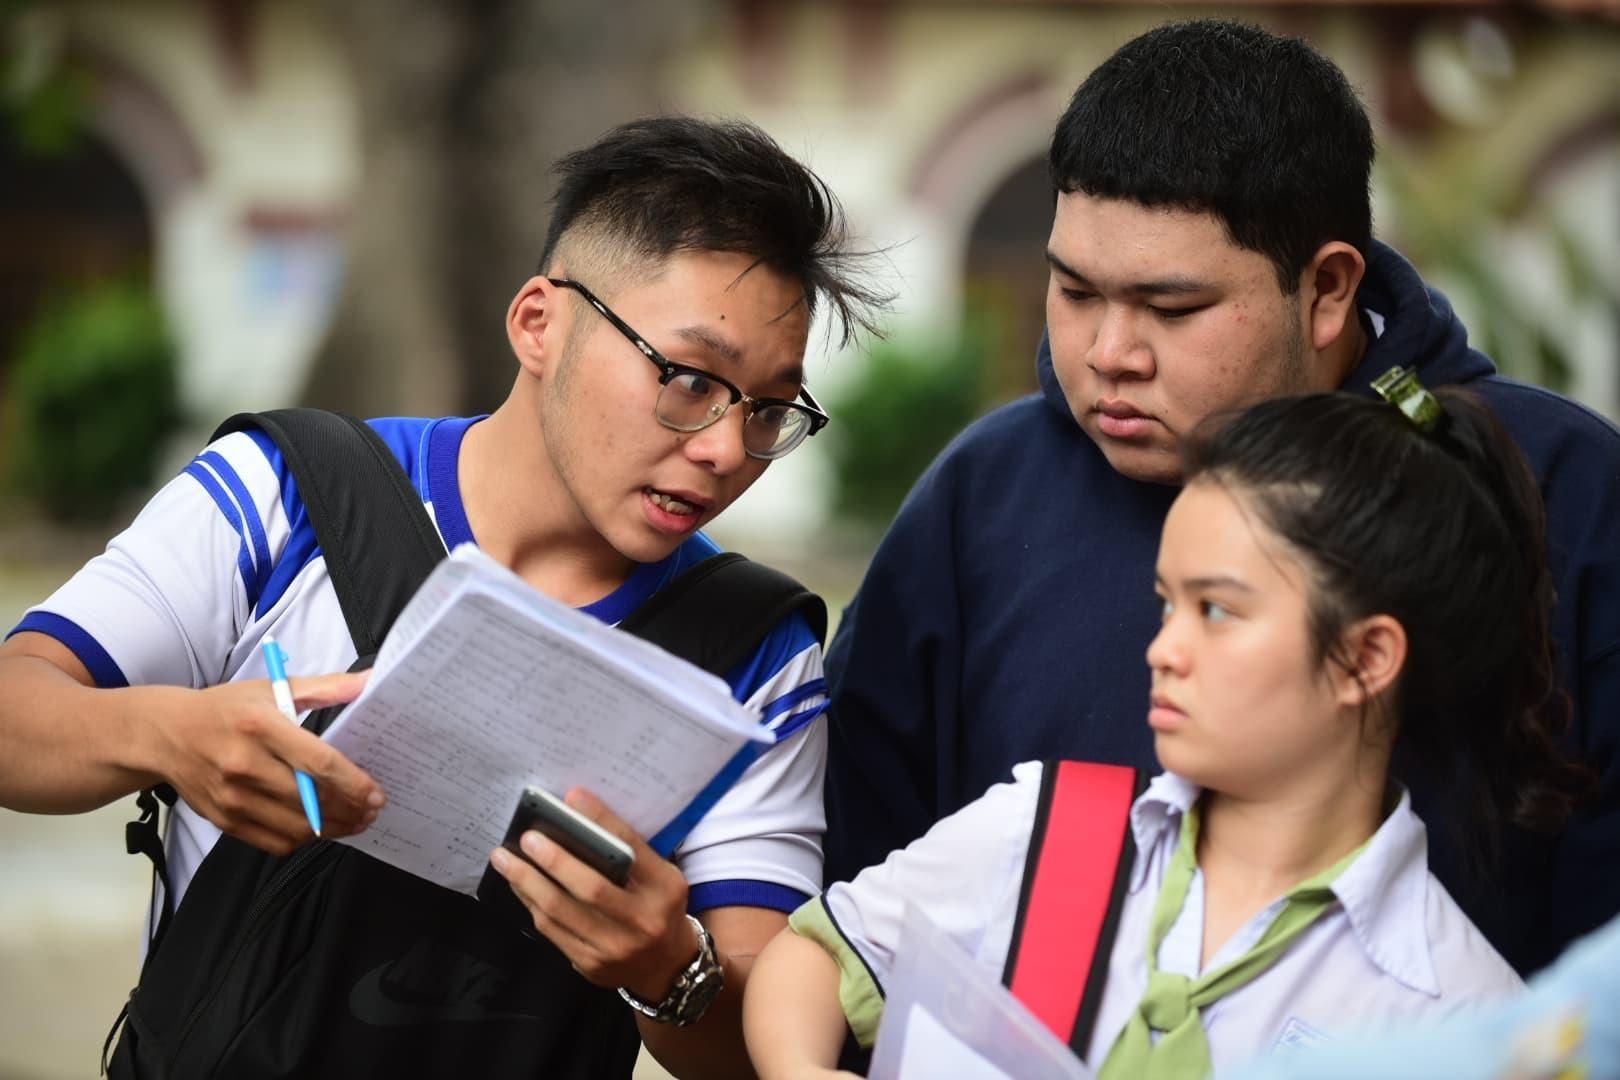 Tăng thêm trường hợp bị hủy bỏ kết quả thi THPT quốc gia